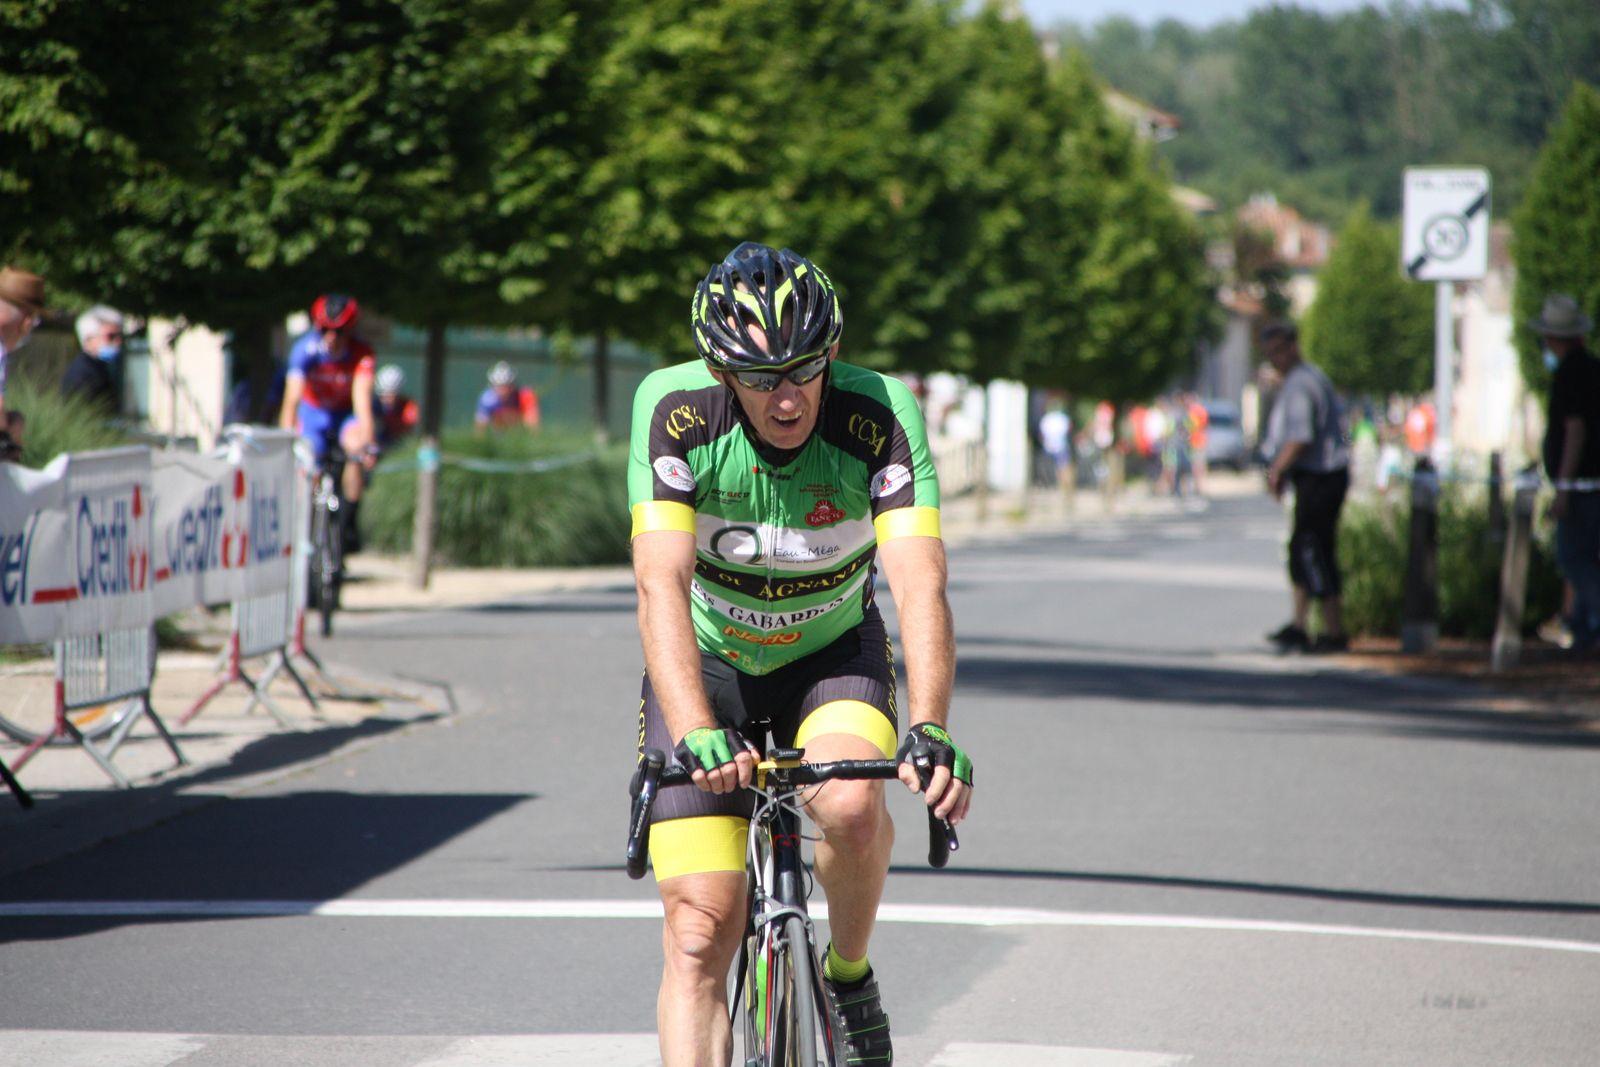 L'arrivée  et  la  victoire  pour  le  non-licencié  devant  celui  du  Cycle Chef-Boutonne, 3e  Chris  MULLER(CC  St  Agnant)